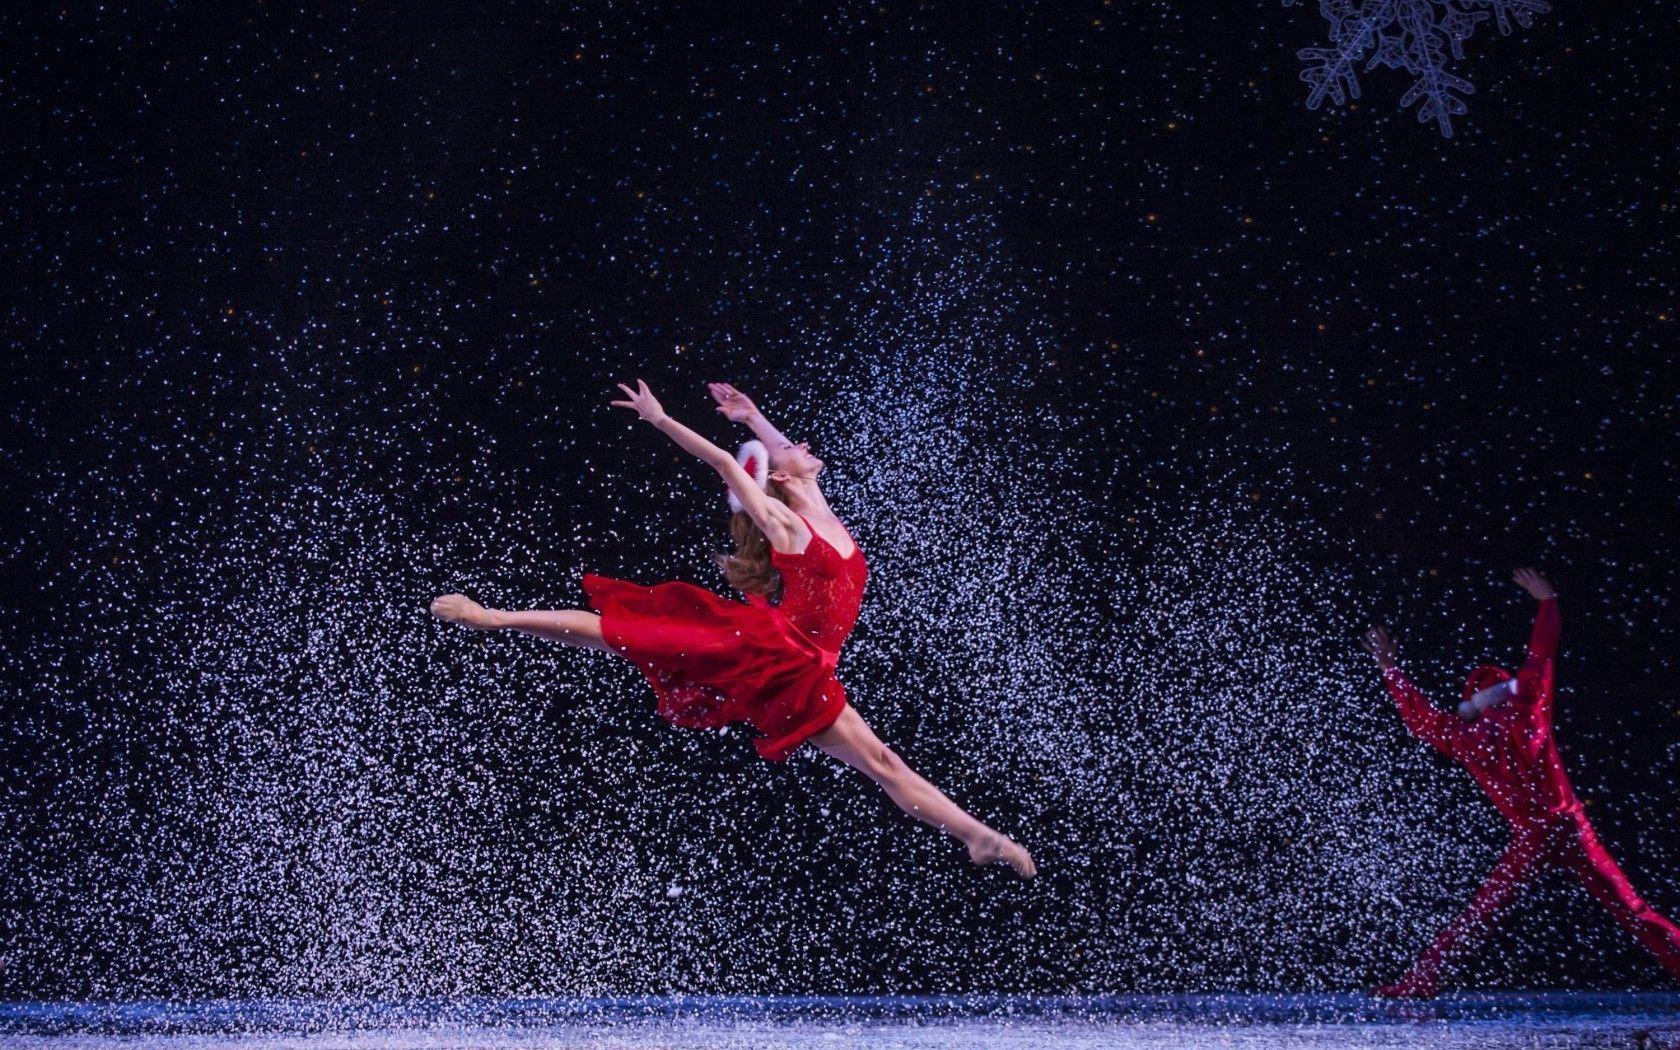 Ballet Dance Wallpapers Hd Resolution Dodskypict: Ballet Dancer Wallpapers HD